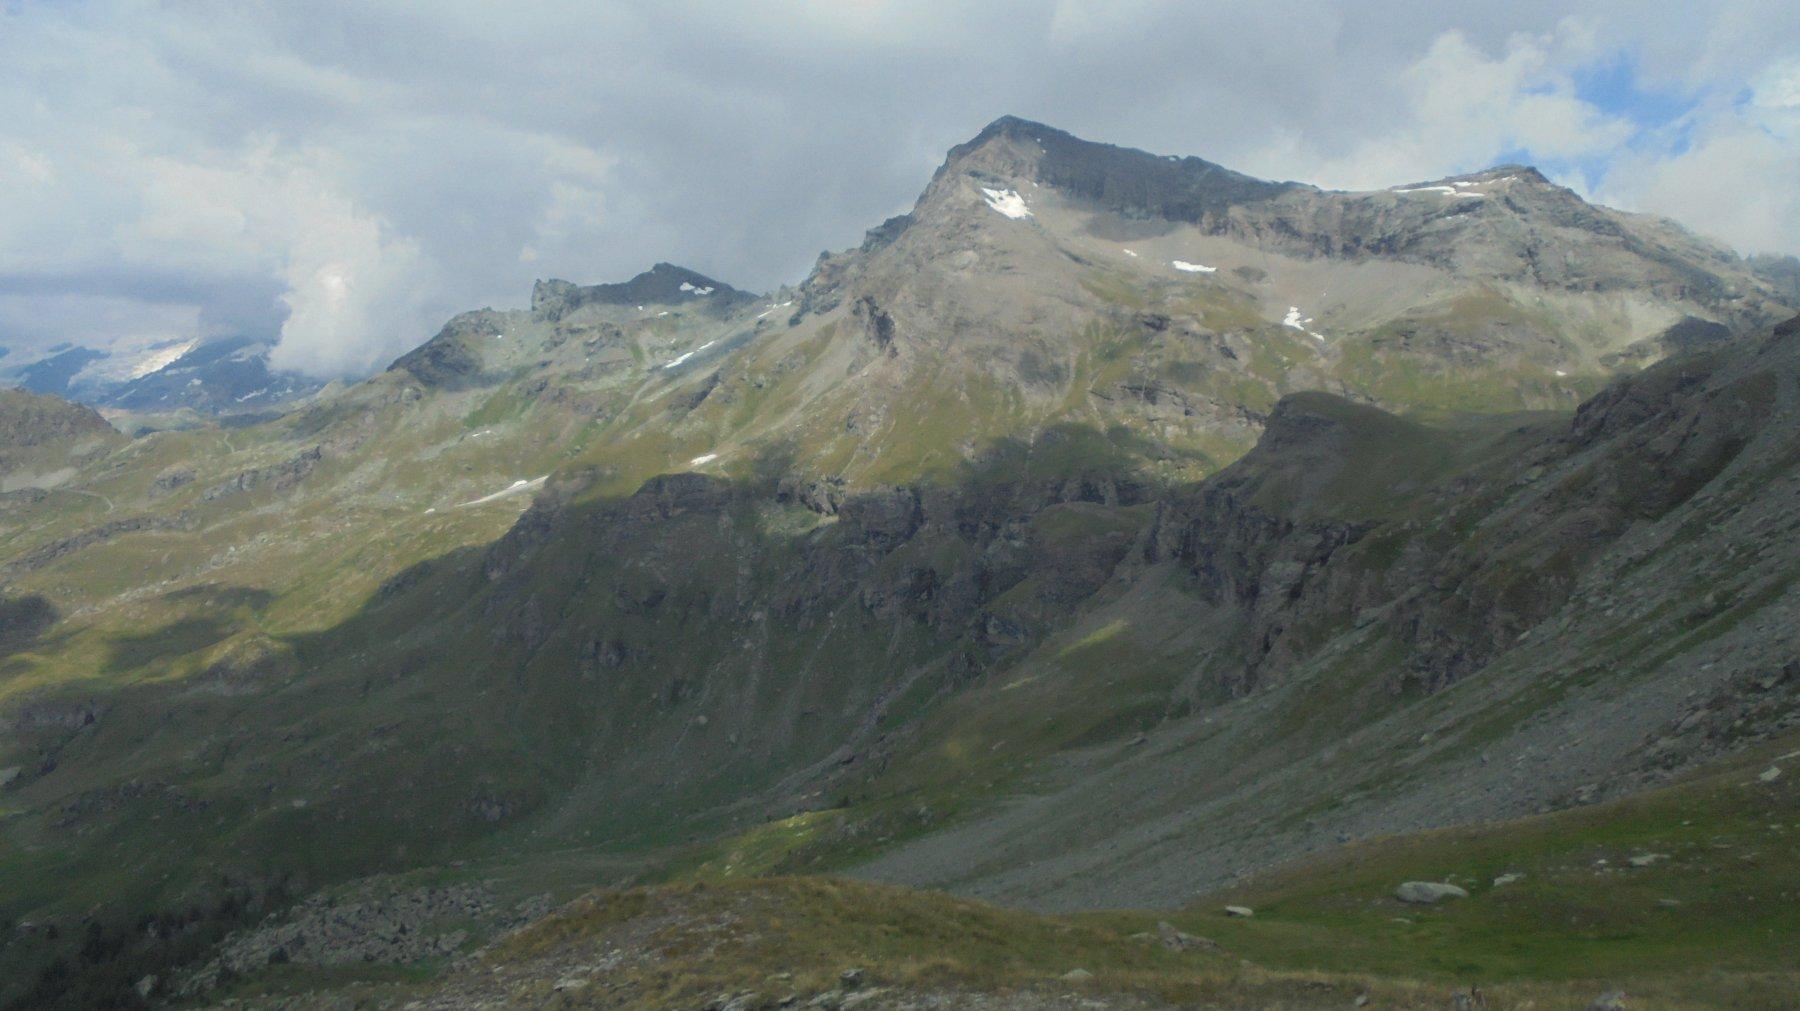 La cresta da percorrere vista dal lago Perrin